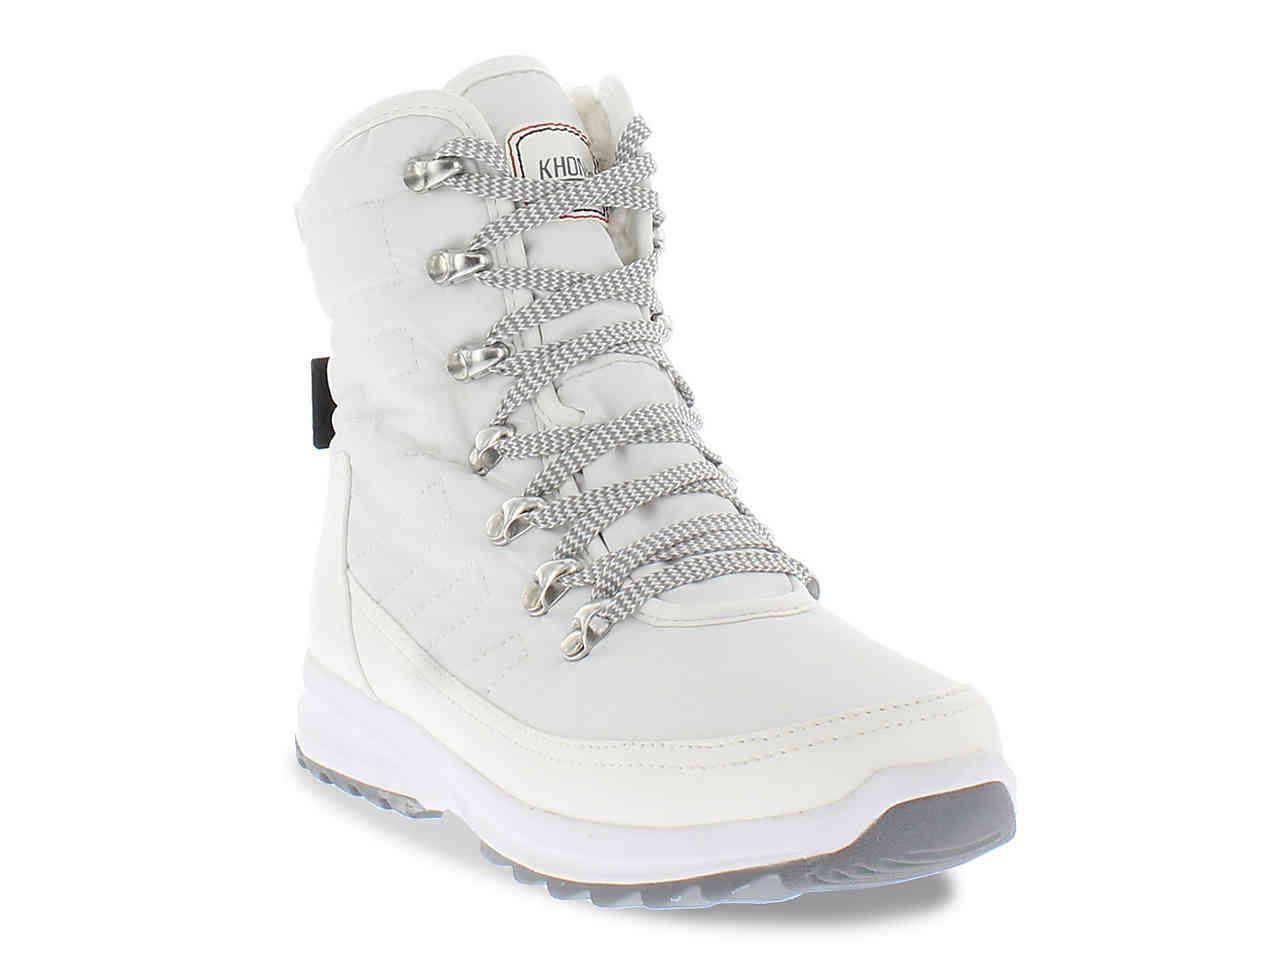 457b76fd83a Lyst - Khombu Alta Sport Ii Snow Boot in White